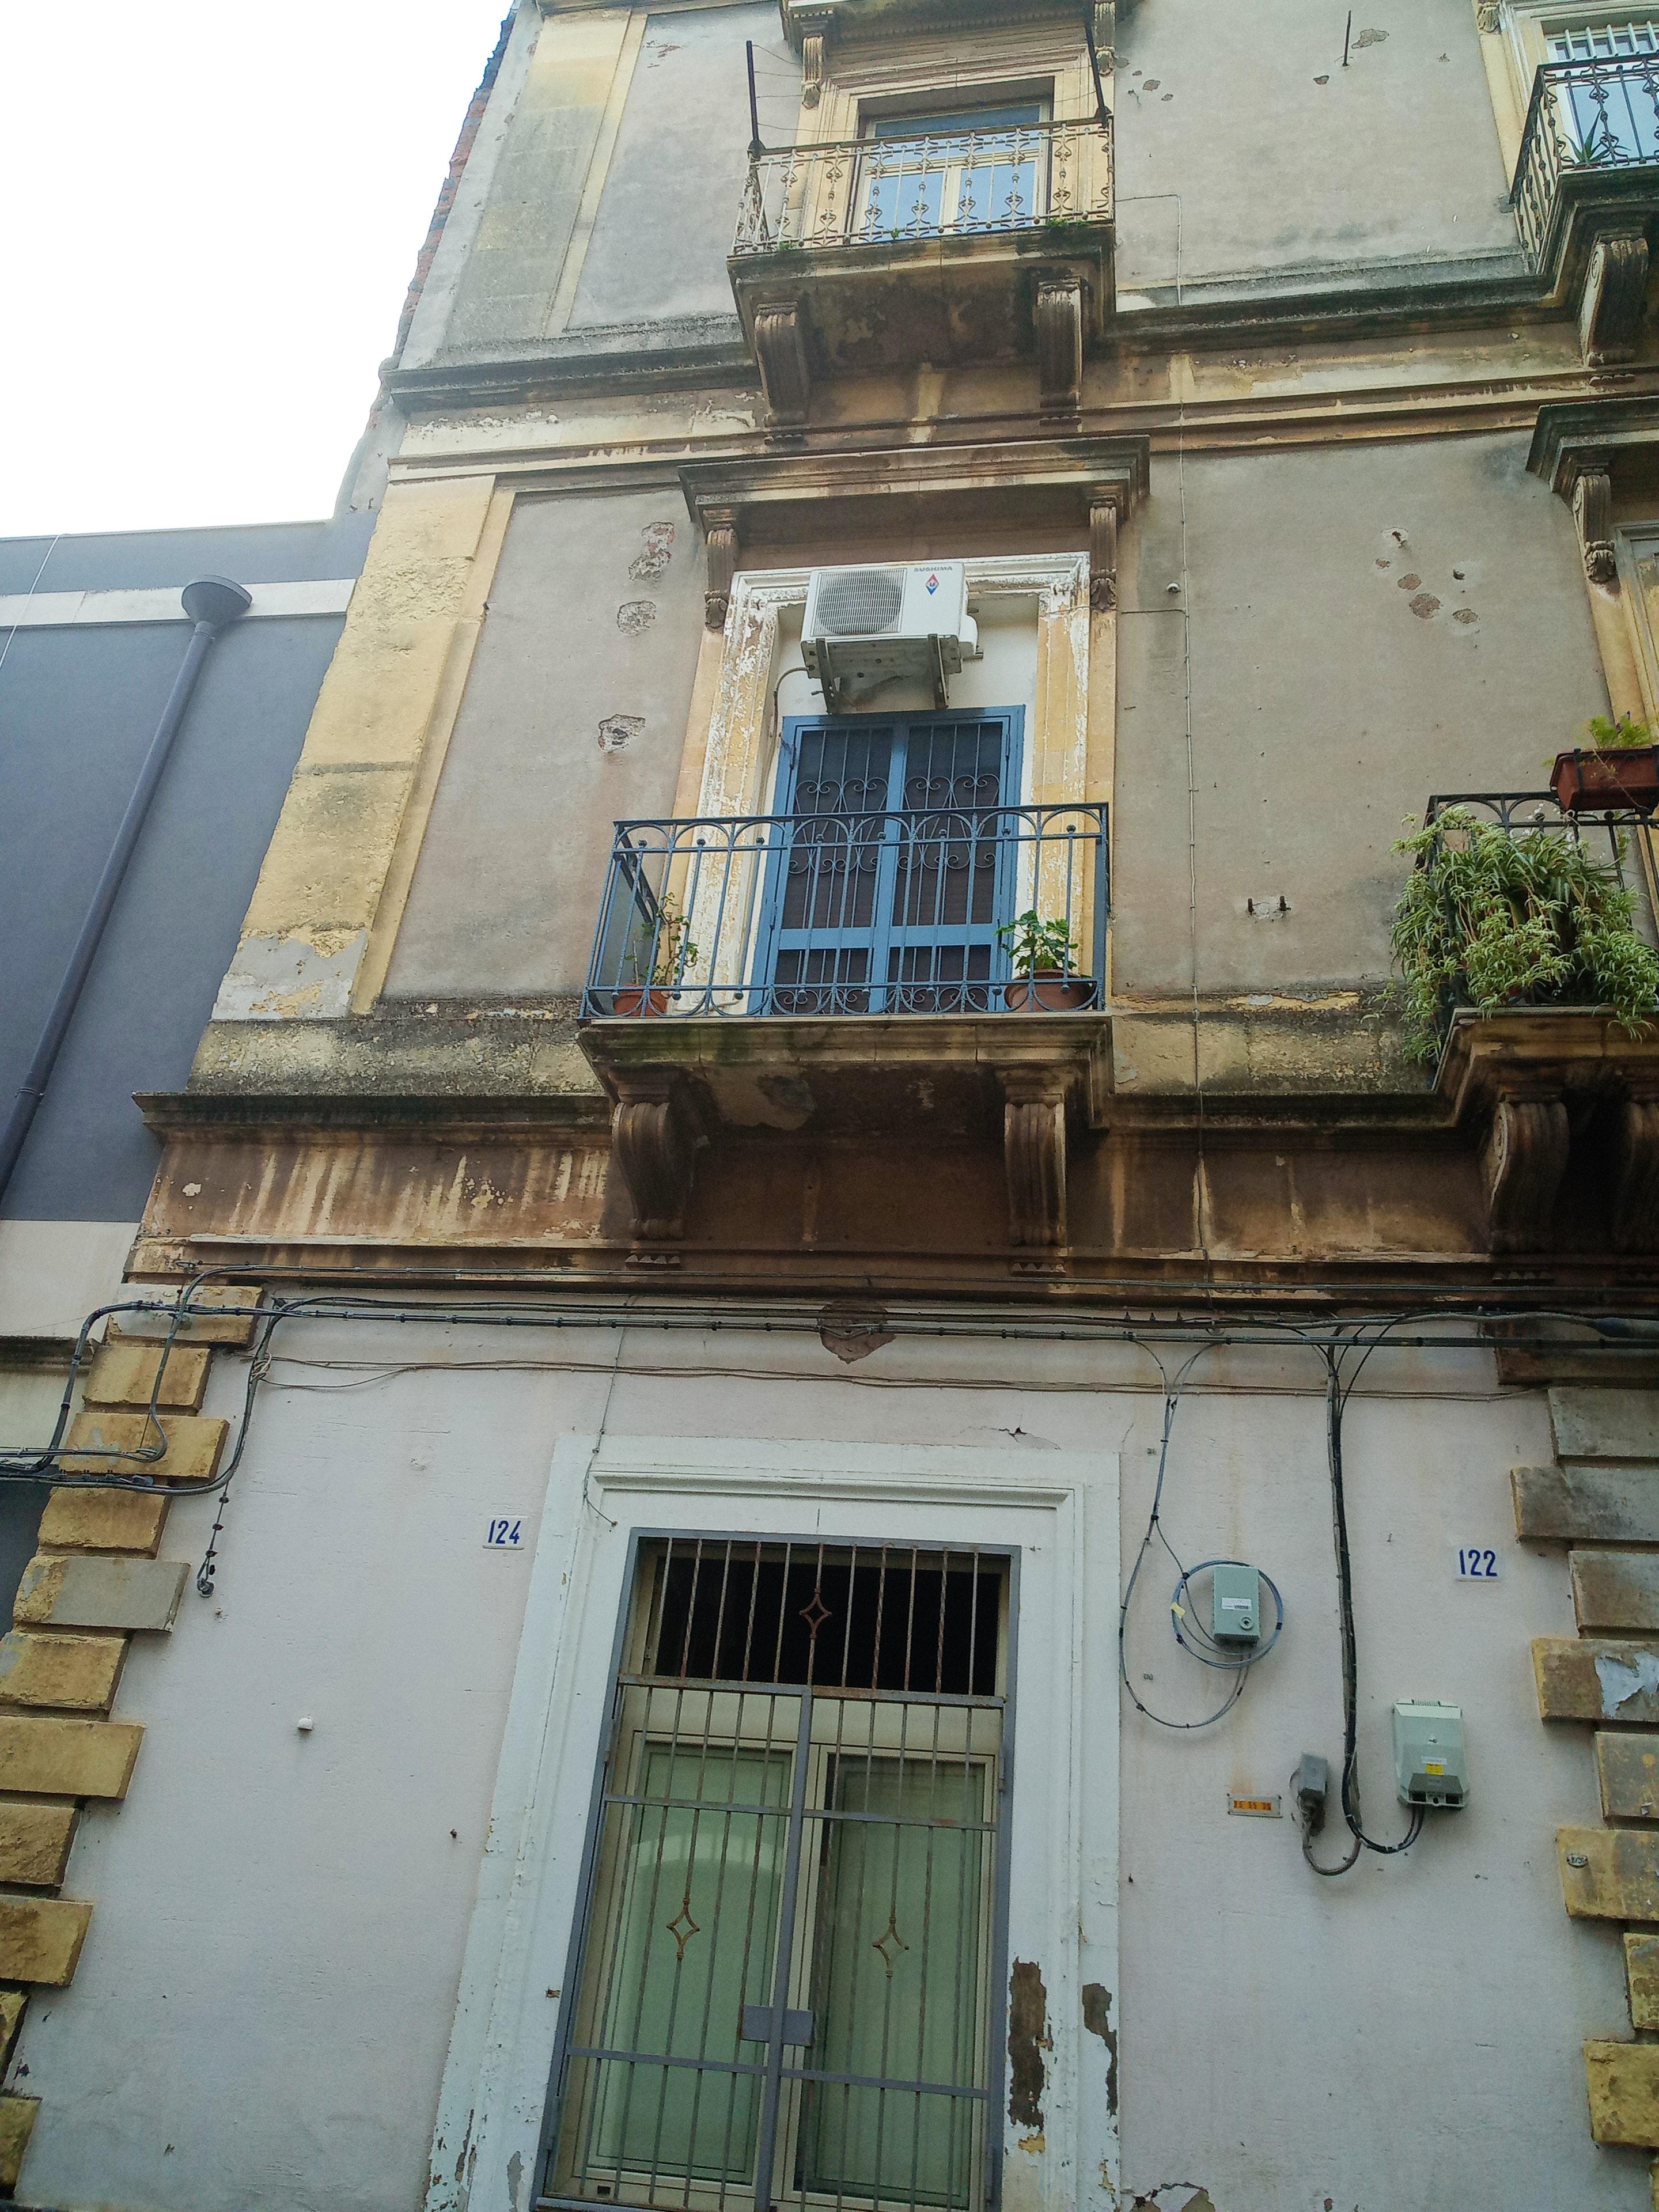 Ferienwohnung Wohnung mit 2 Schlafzimmern in Catania mit schöner Aussicht auf die Stadt, Balkon und W-LA (2807670), Catania, Catania, Sizilien, Italien, Bild 12